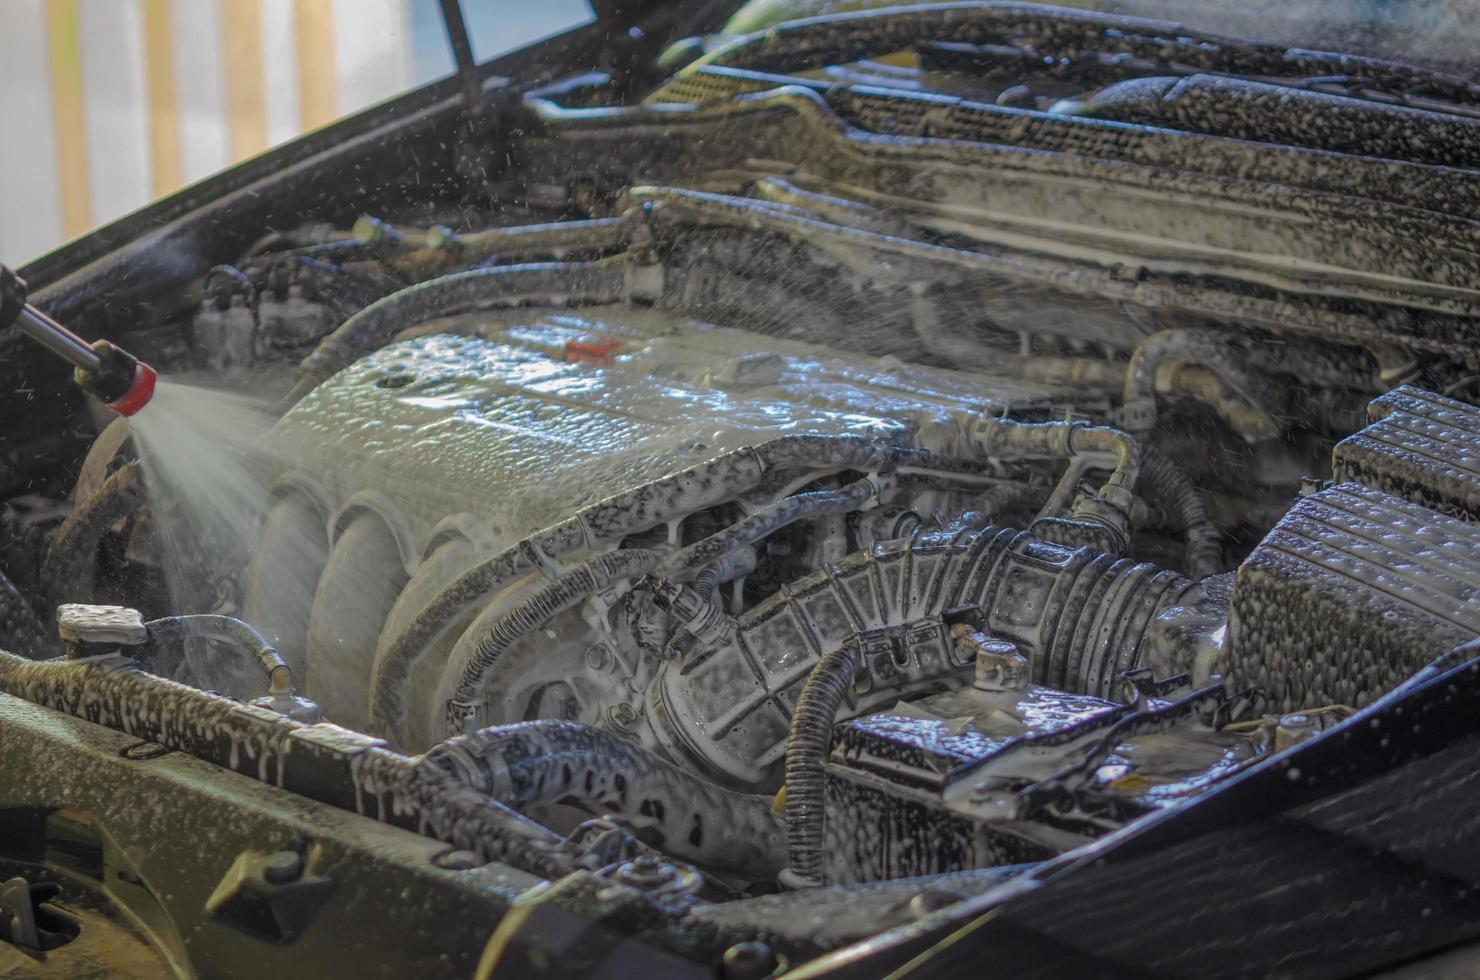 lavage de moteur de voiture avec mousse photo